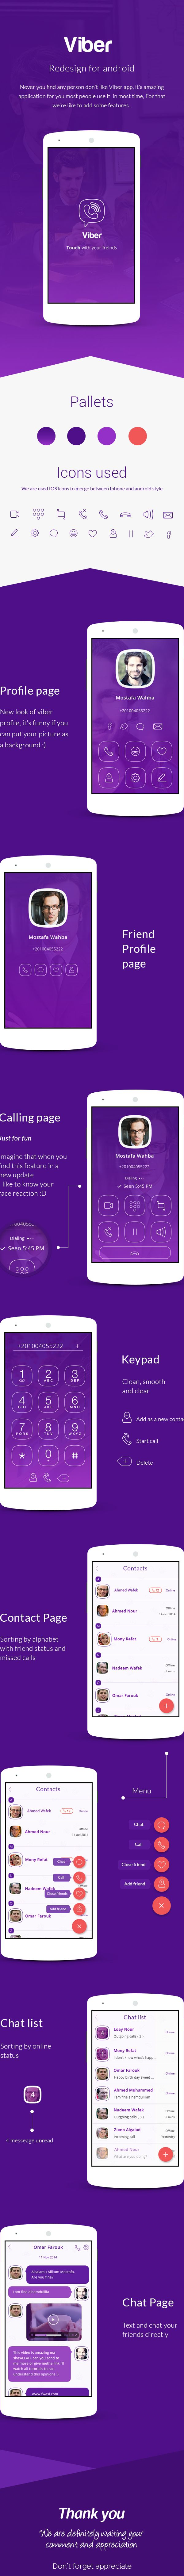 Viber redesign on Behance